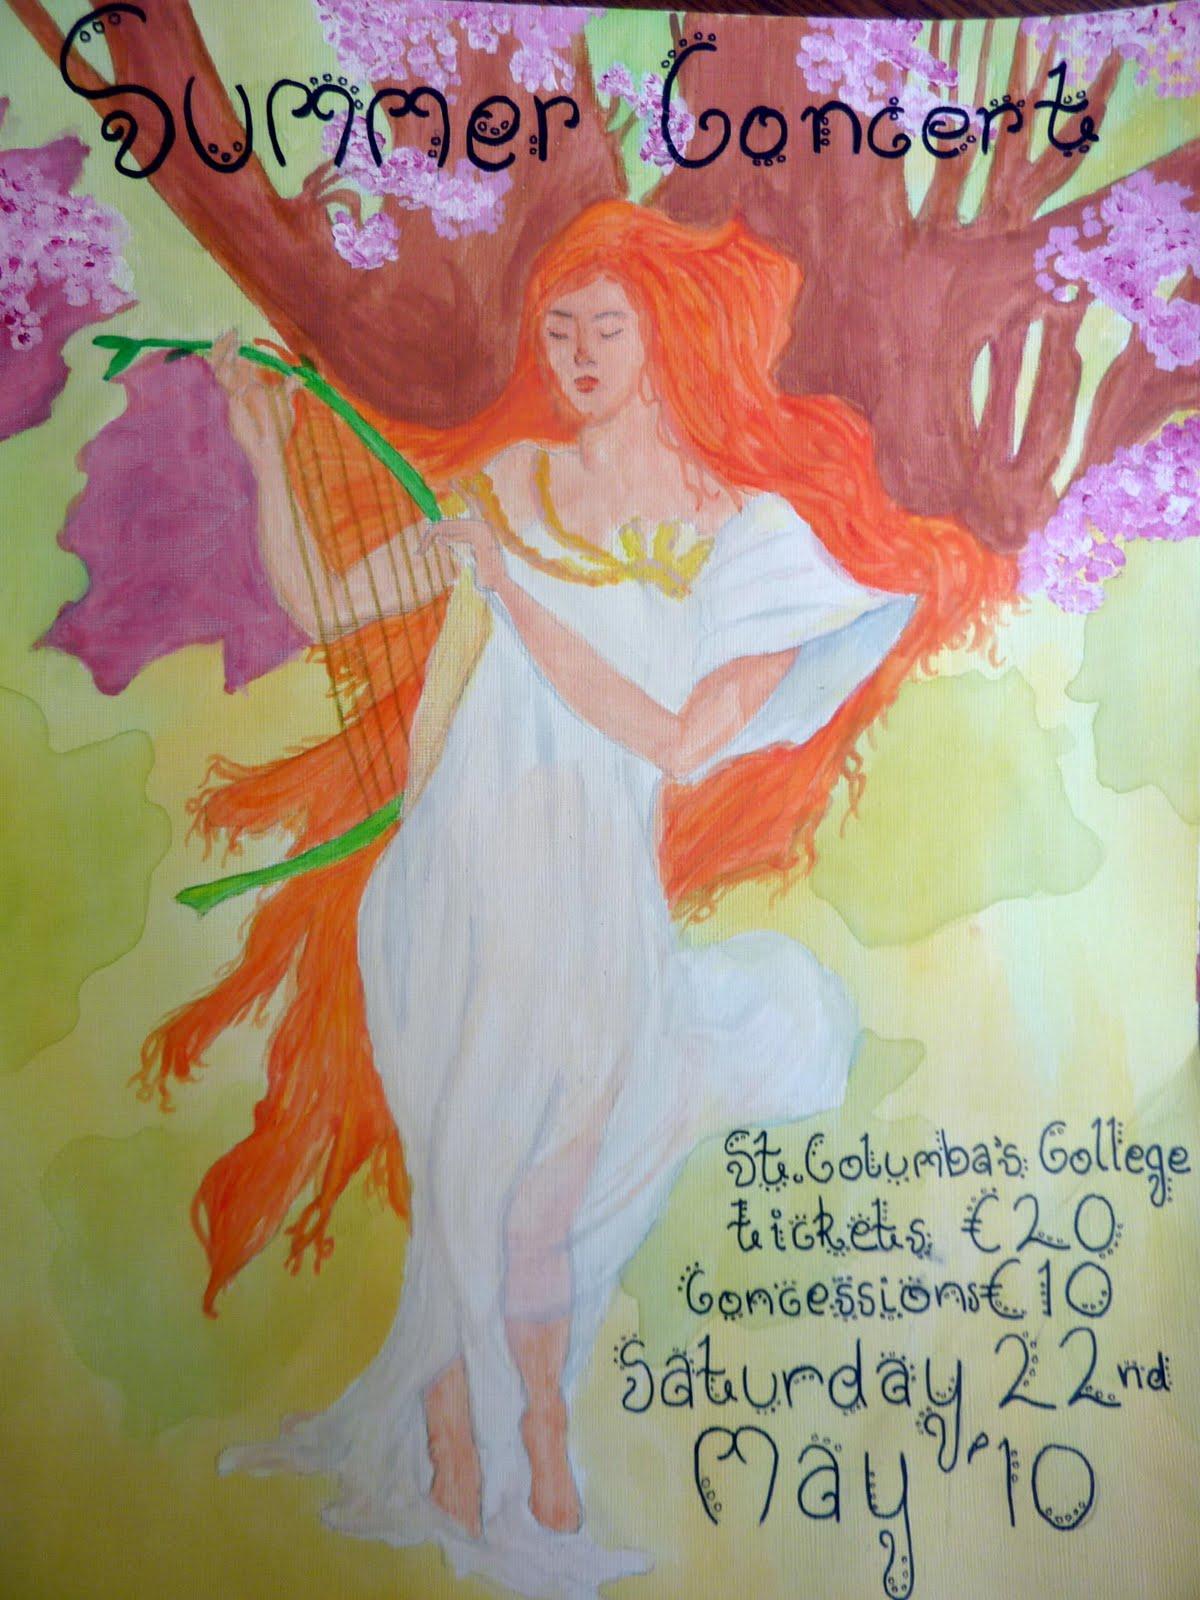 http://2.bp.blogspot.com/_s54_fRT9WR0/S-8K1B902-I/AAAAAAAAB2Q/6lO6nYRVl1Q/s1600/summer+concert+poster+comp+013+(2).jpg